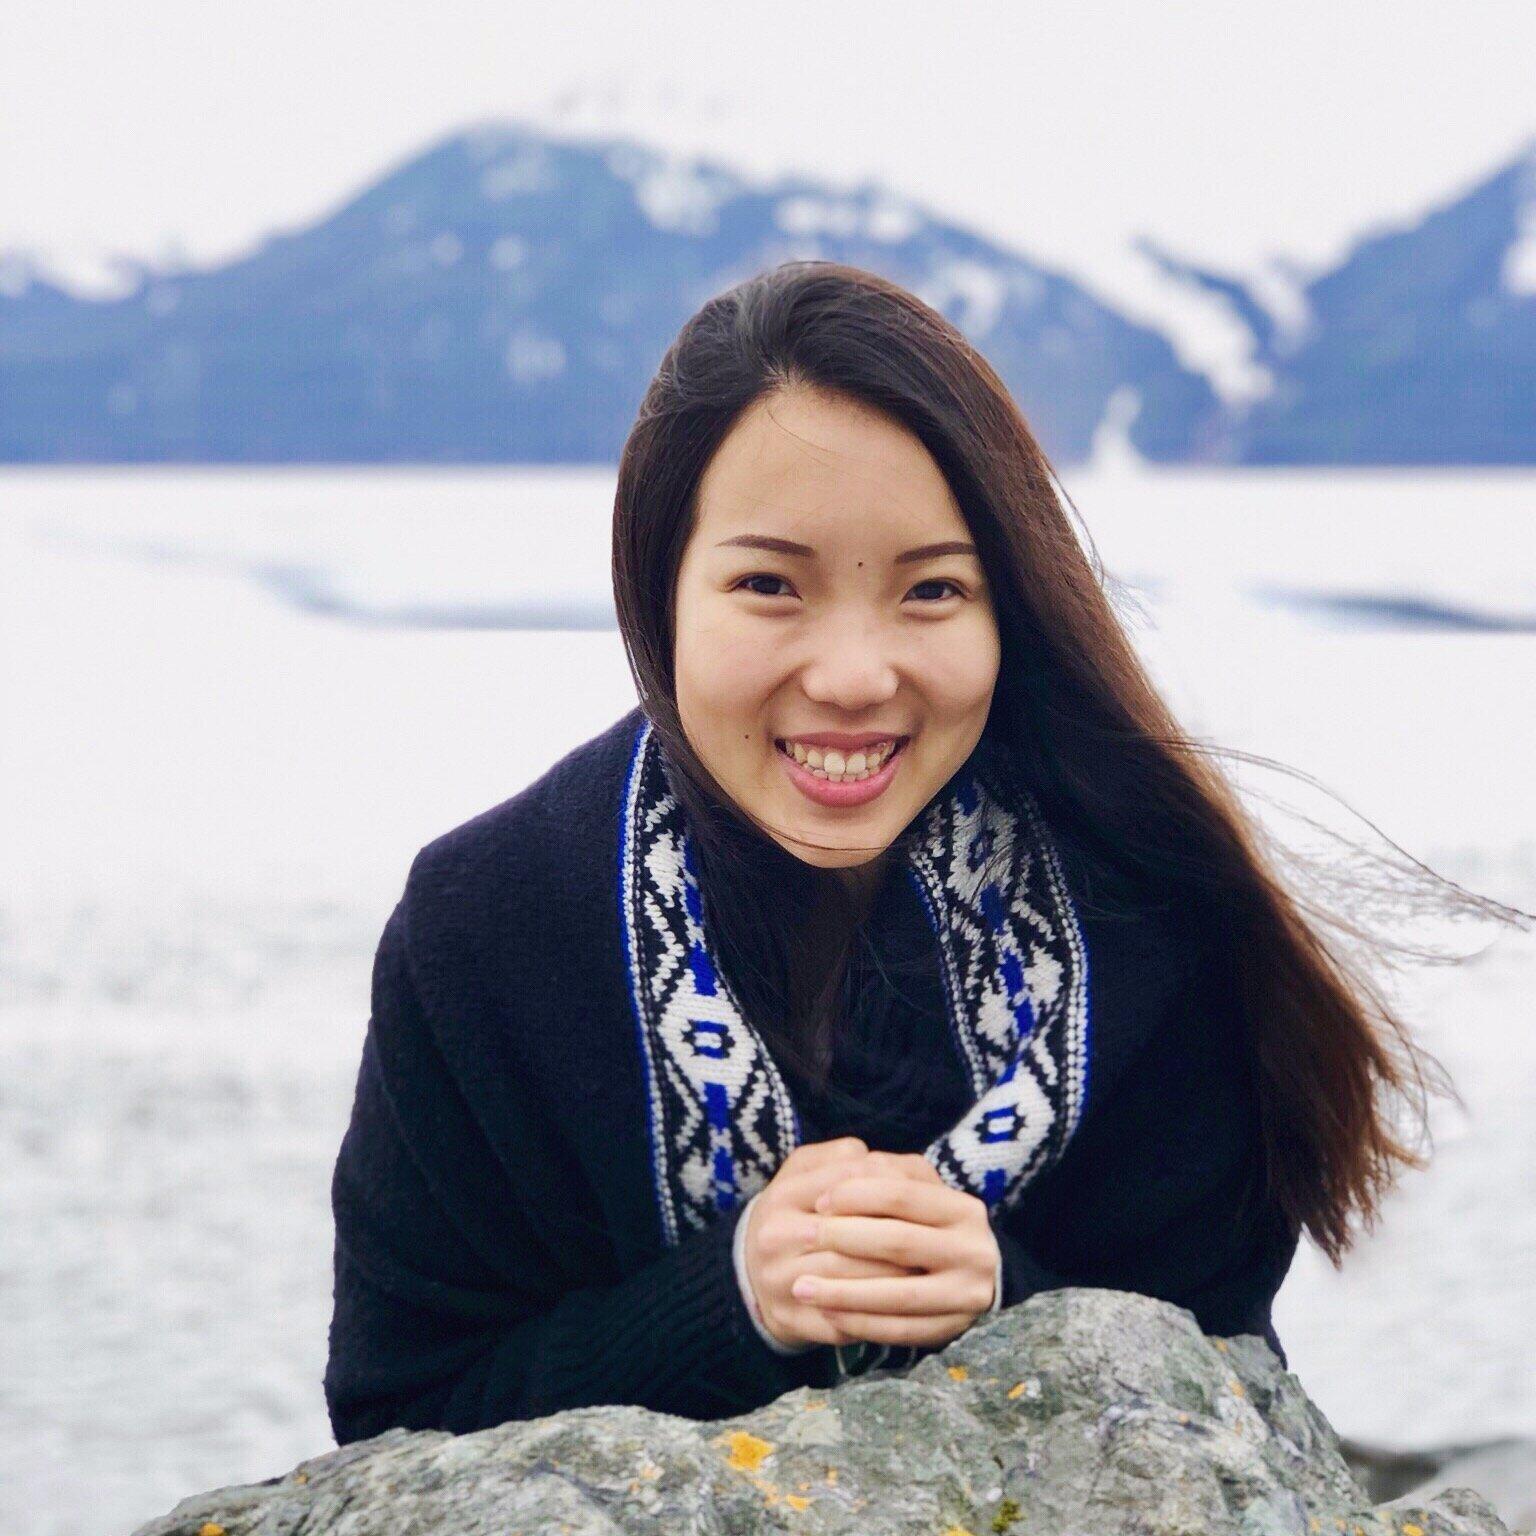 yuchen liu  | Research assistant 2019-